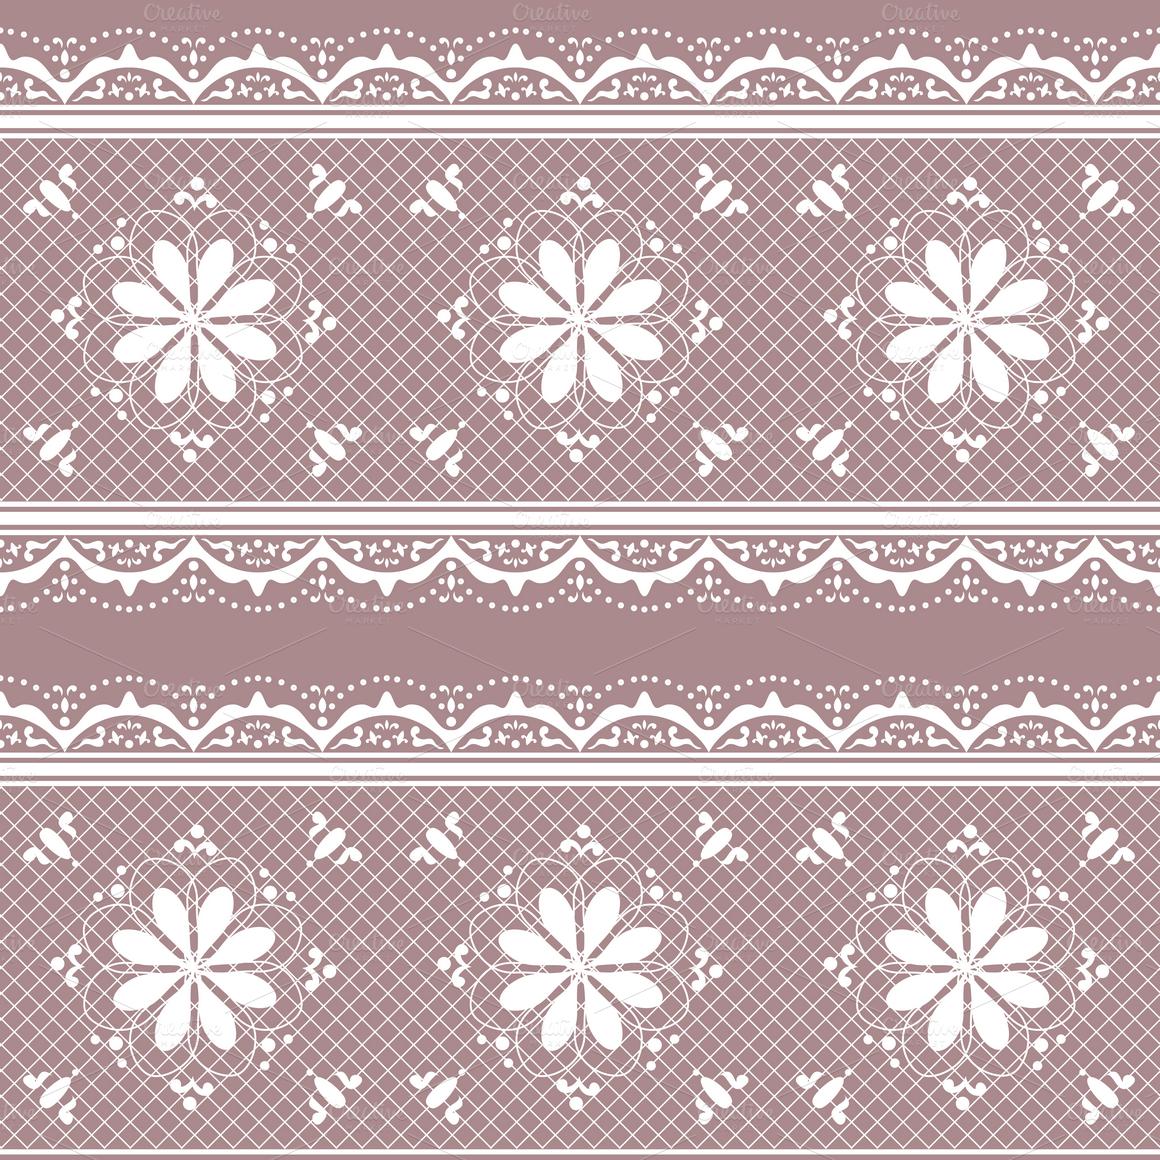 Seamless Lace Patterns Lace Patterns Paper Lace Pattern Paper